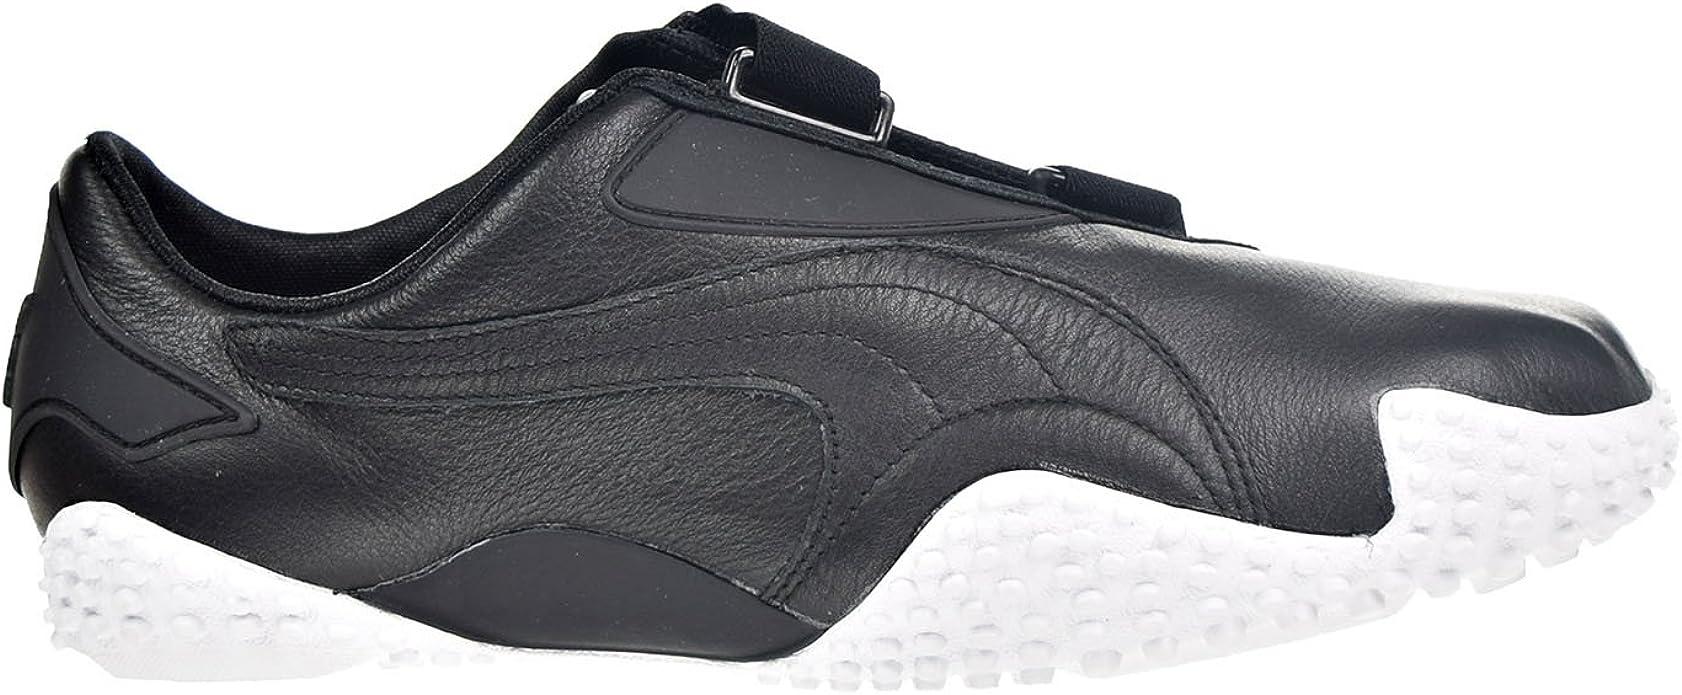 Puma Mostro OG 2 Men's Shoes Puma Black